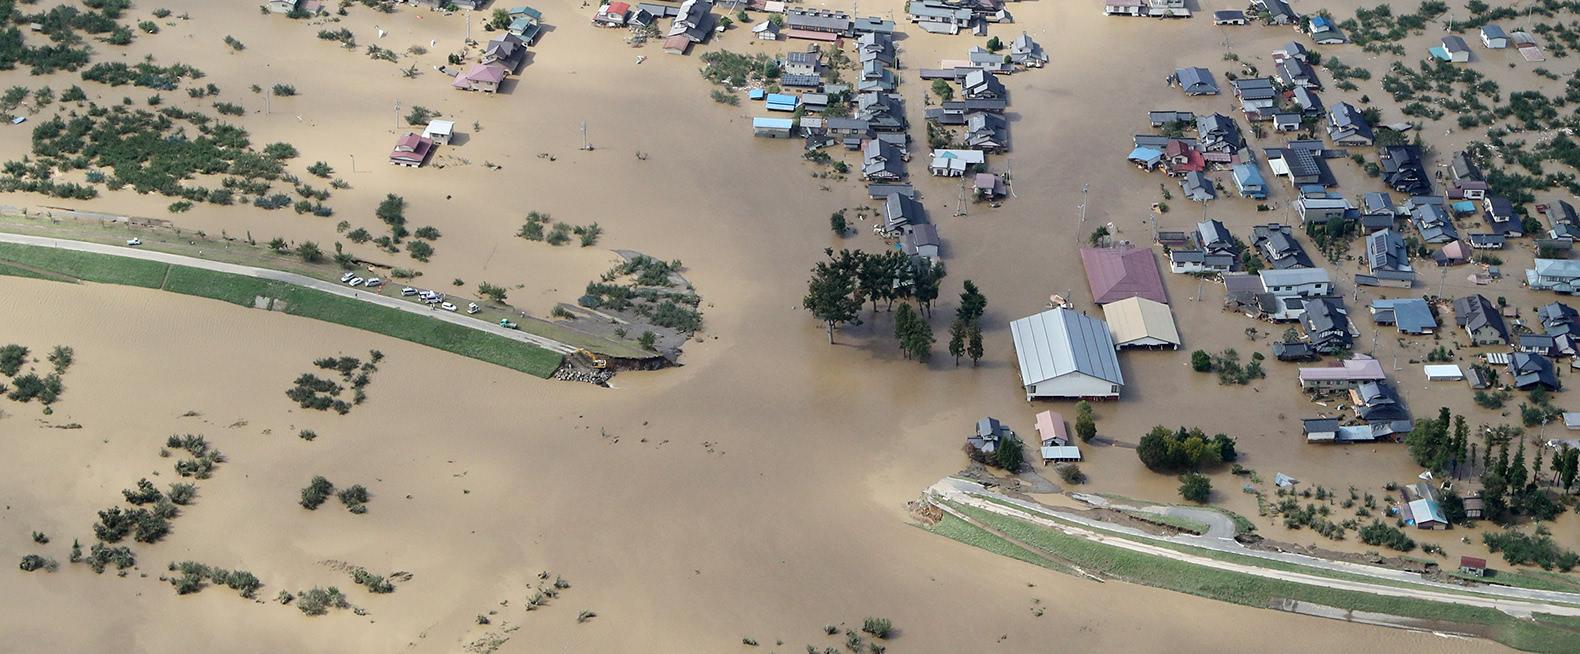 台風19号が上陸 死者・行方不明100人超